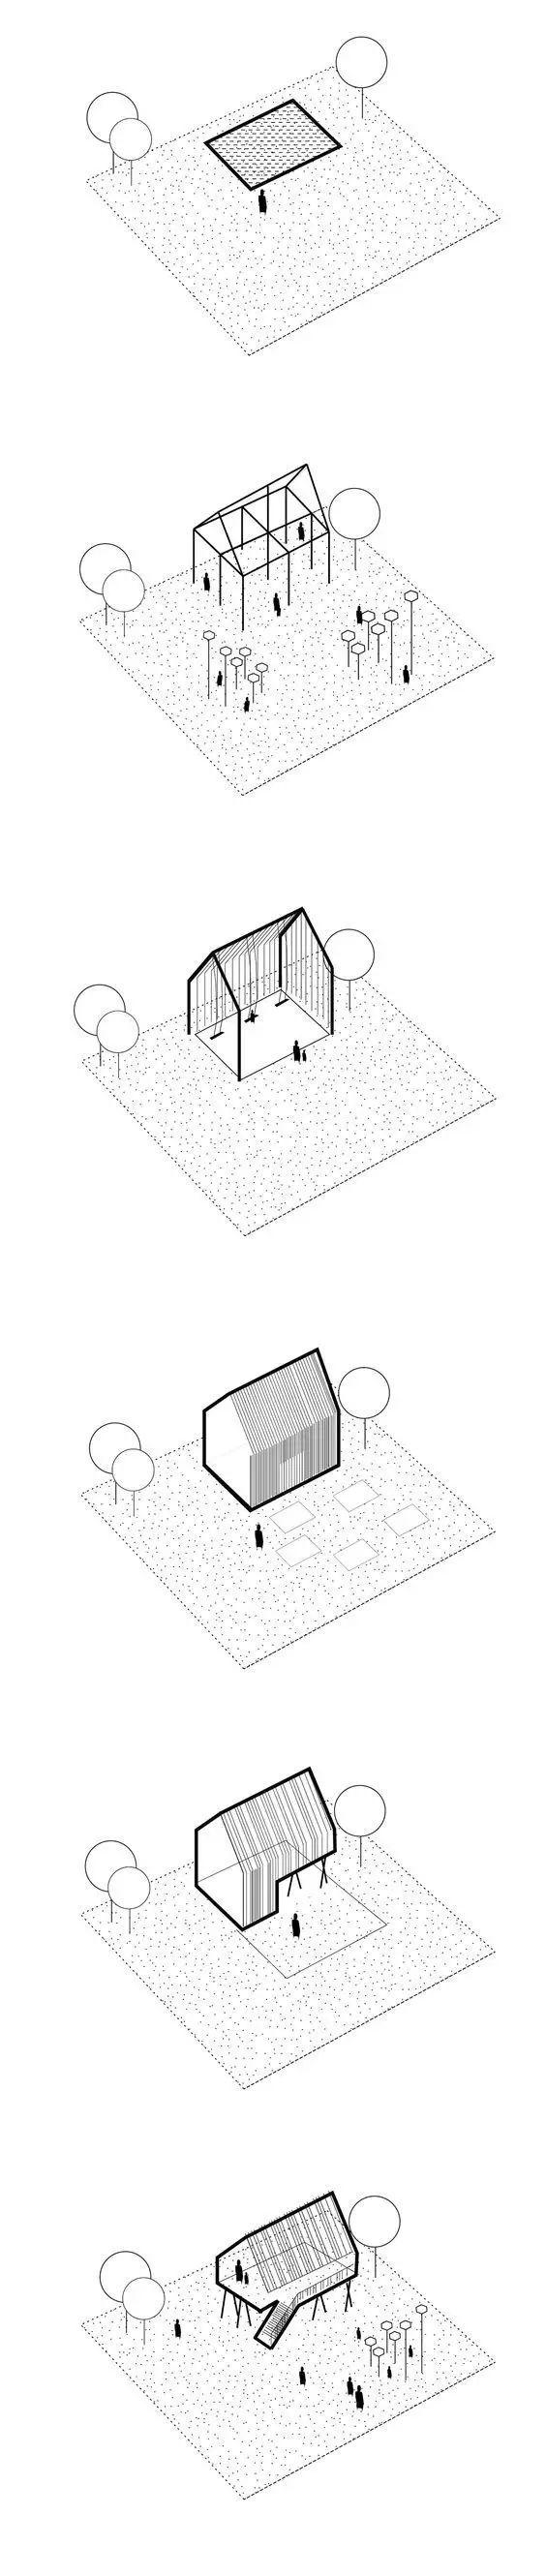 建筑方案推演分析图25例_4